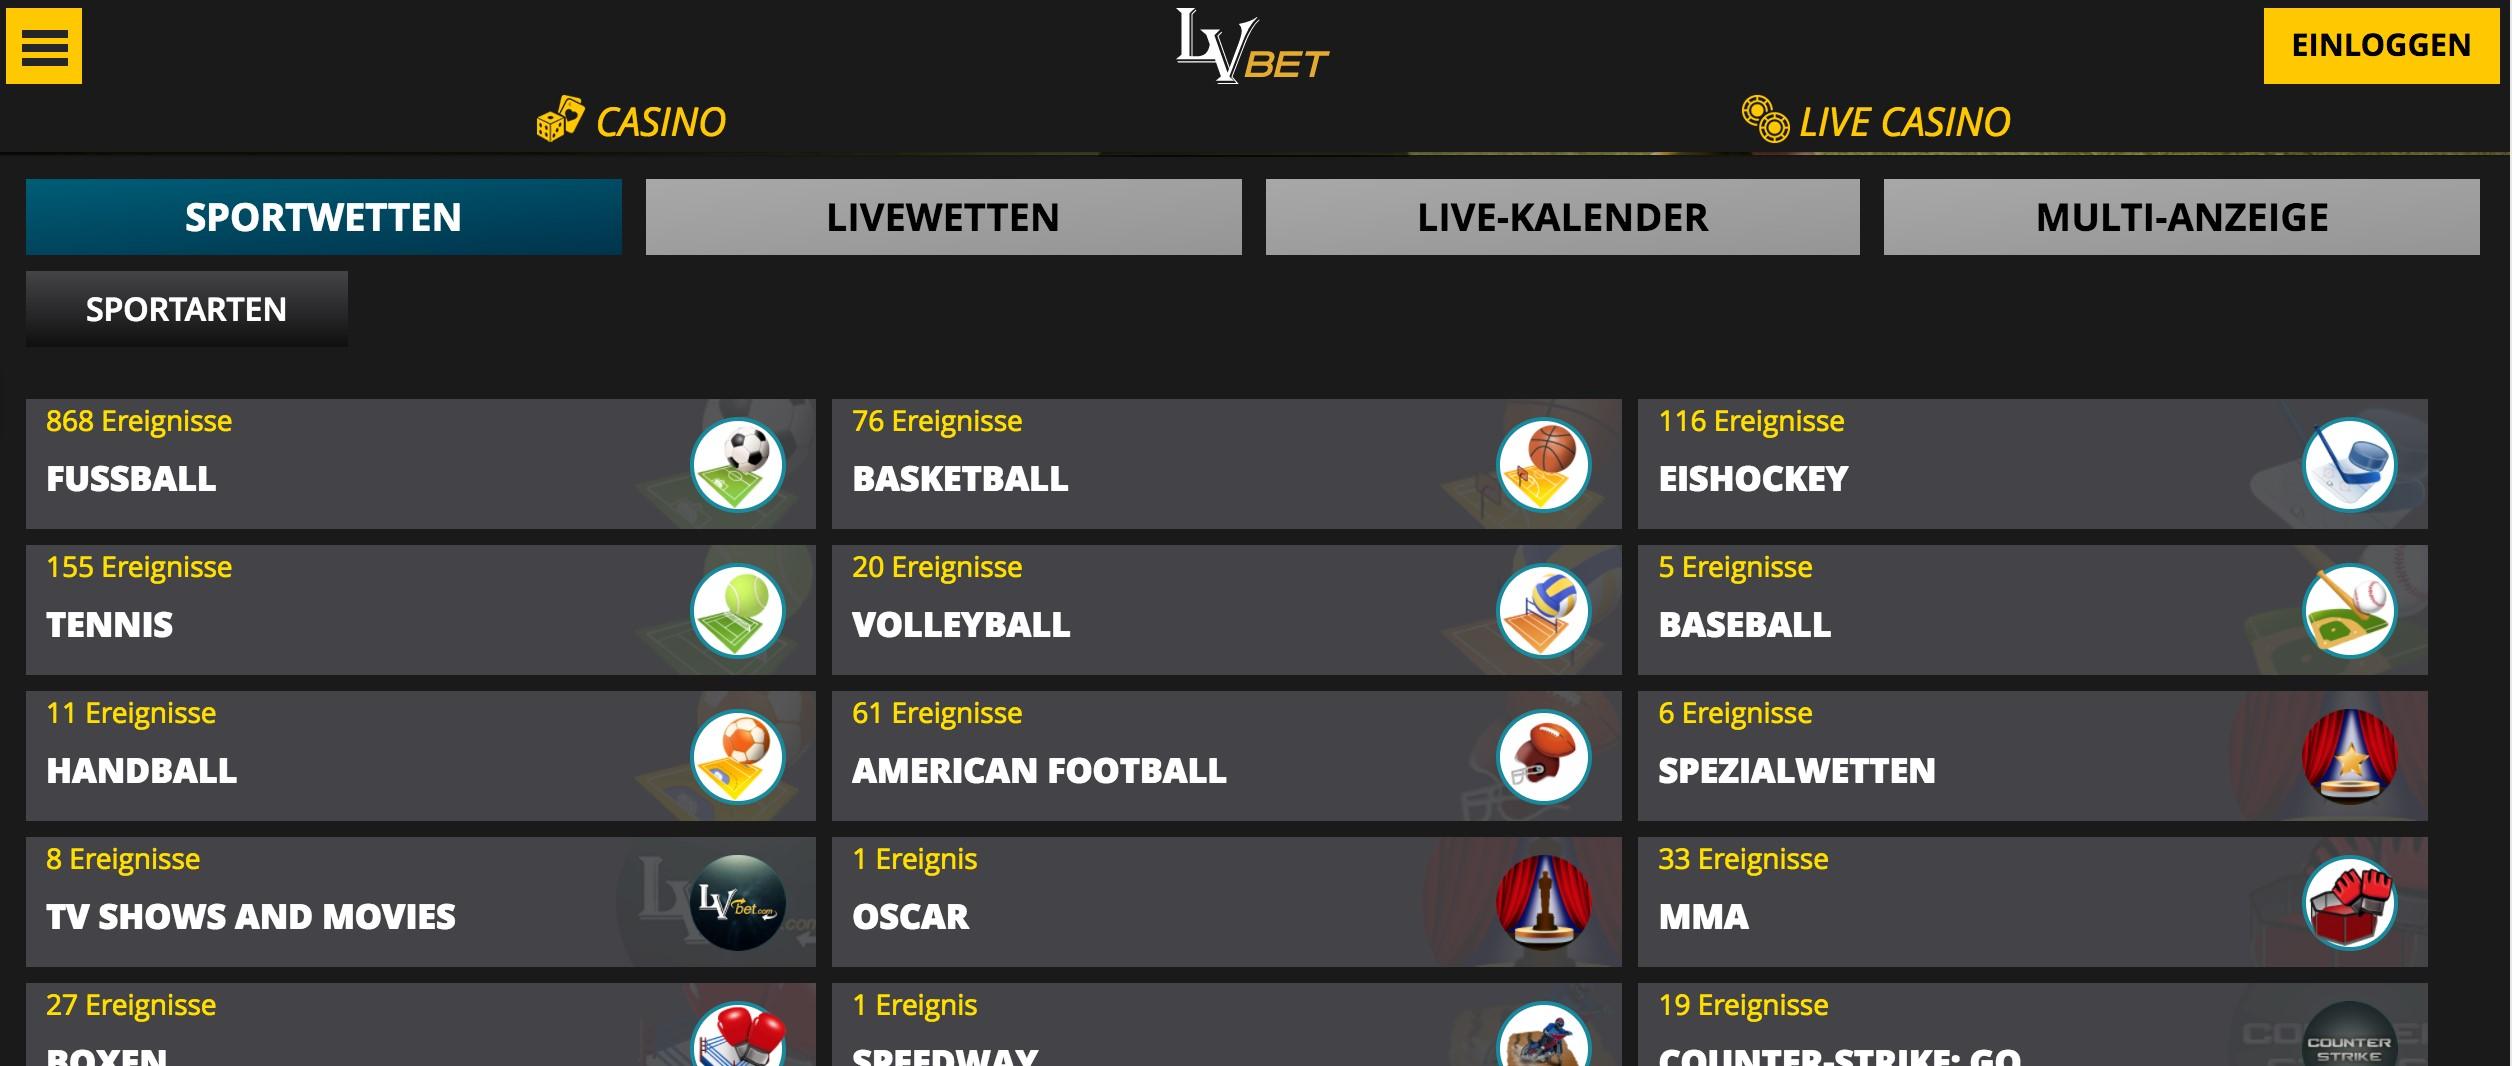 sportwettenschweiz.net LVBet wetten